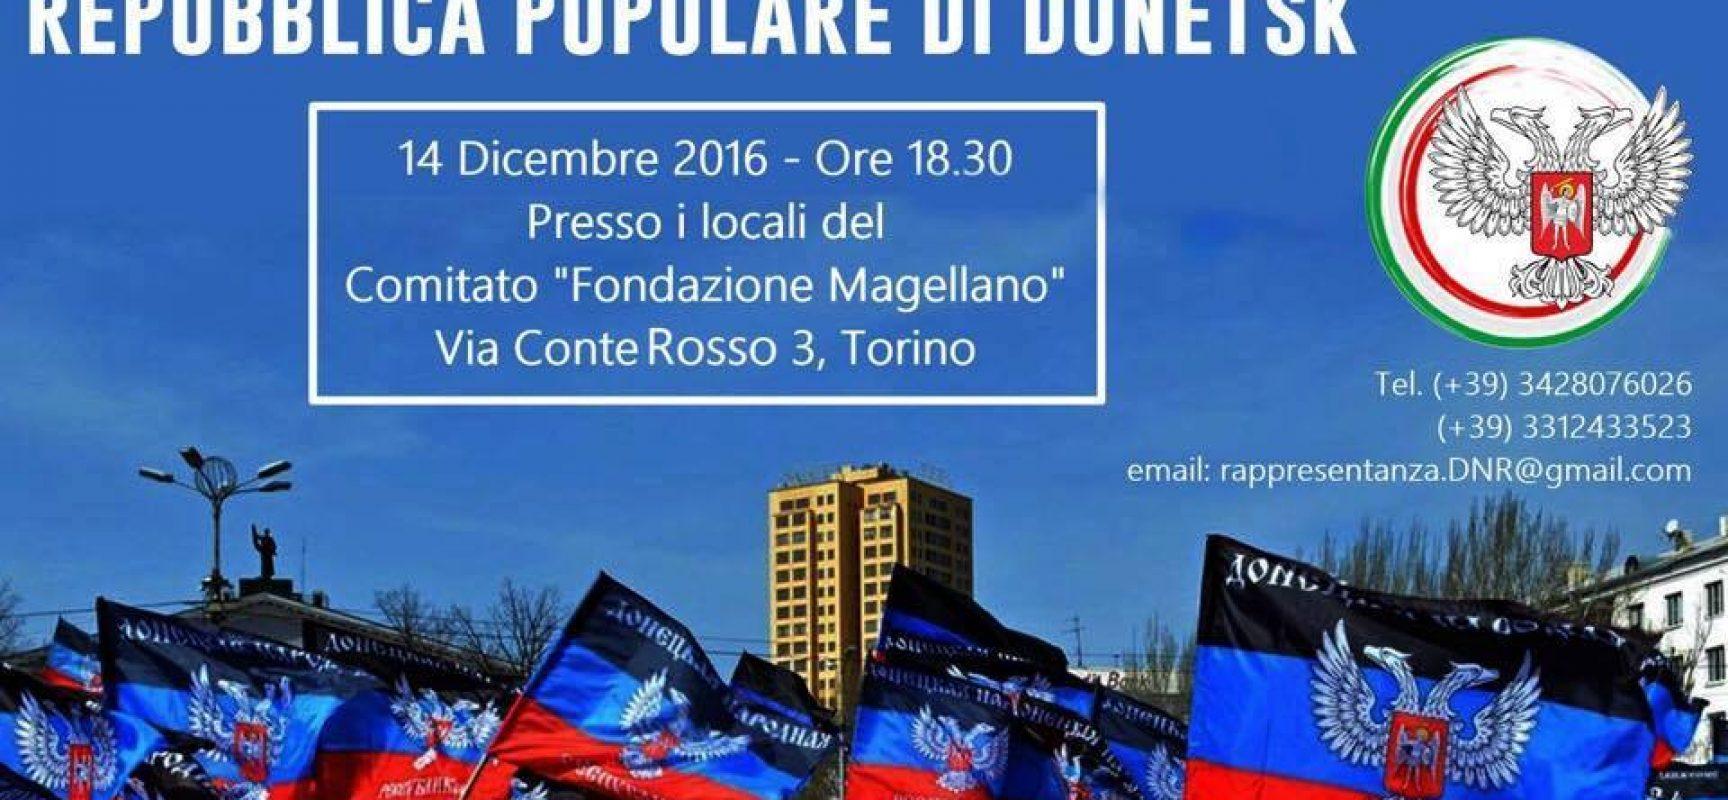 Interrogazione Parlamentare contro la rappresentanza DNR a Torino